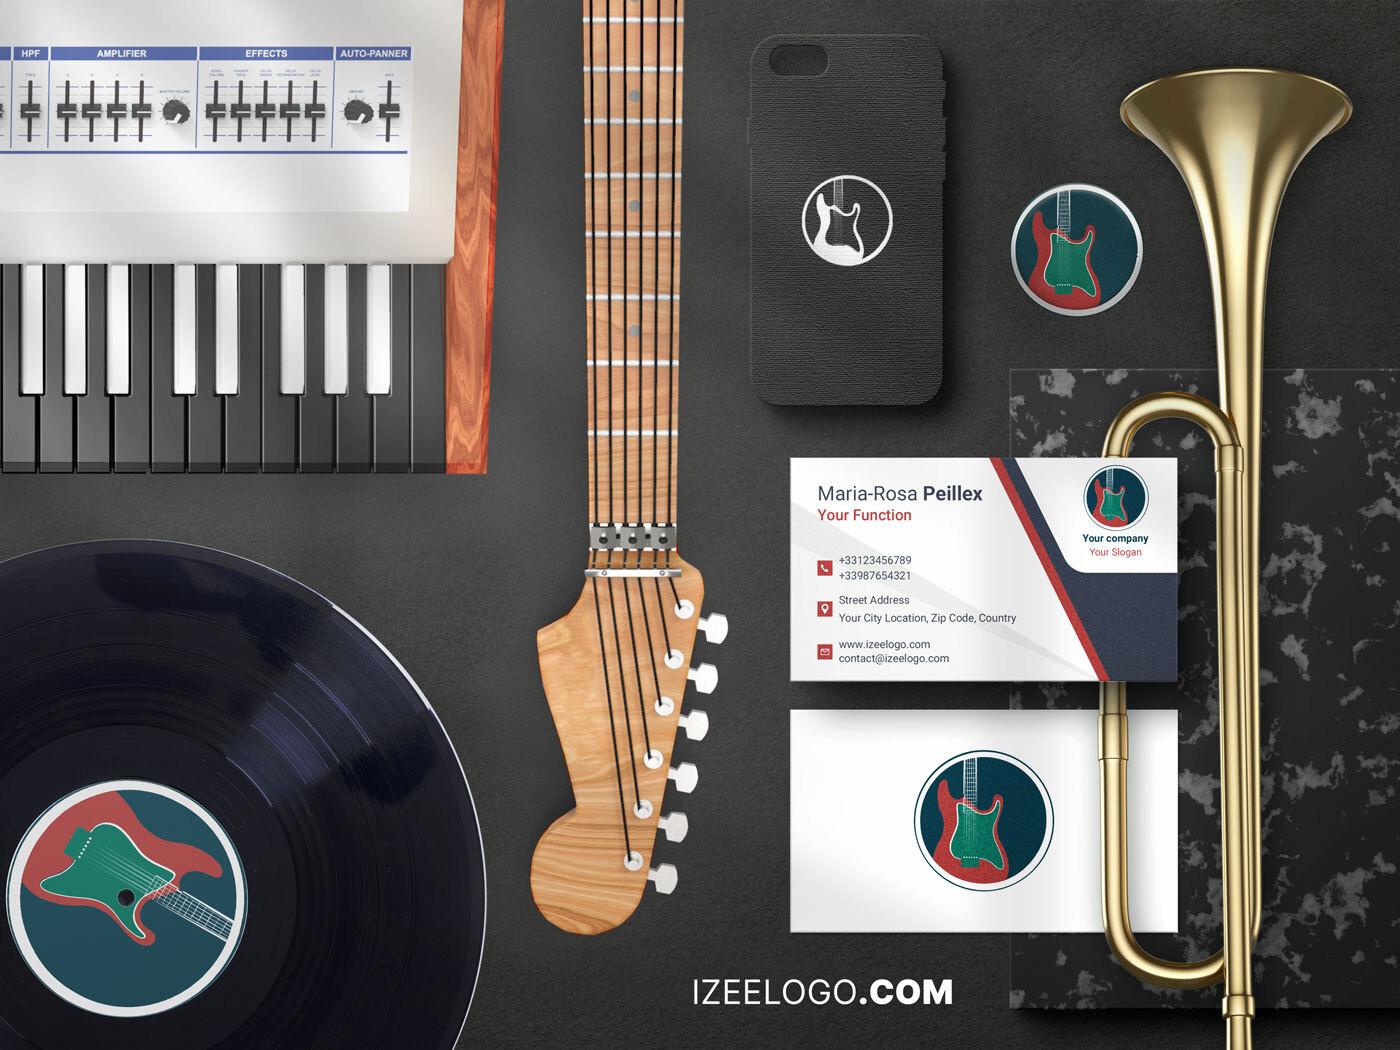 Diseño de mockup: crear una maqueta de logo de música para tarjeta de presentación.